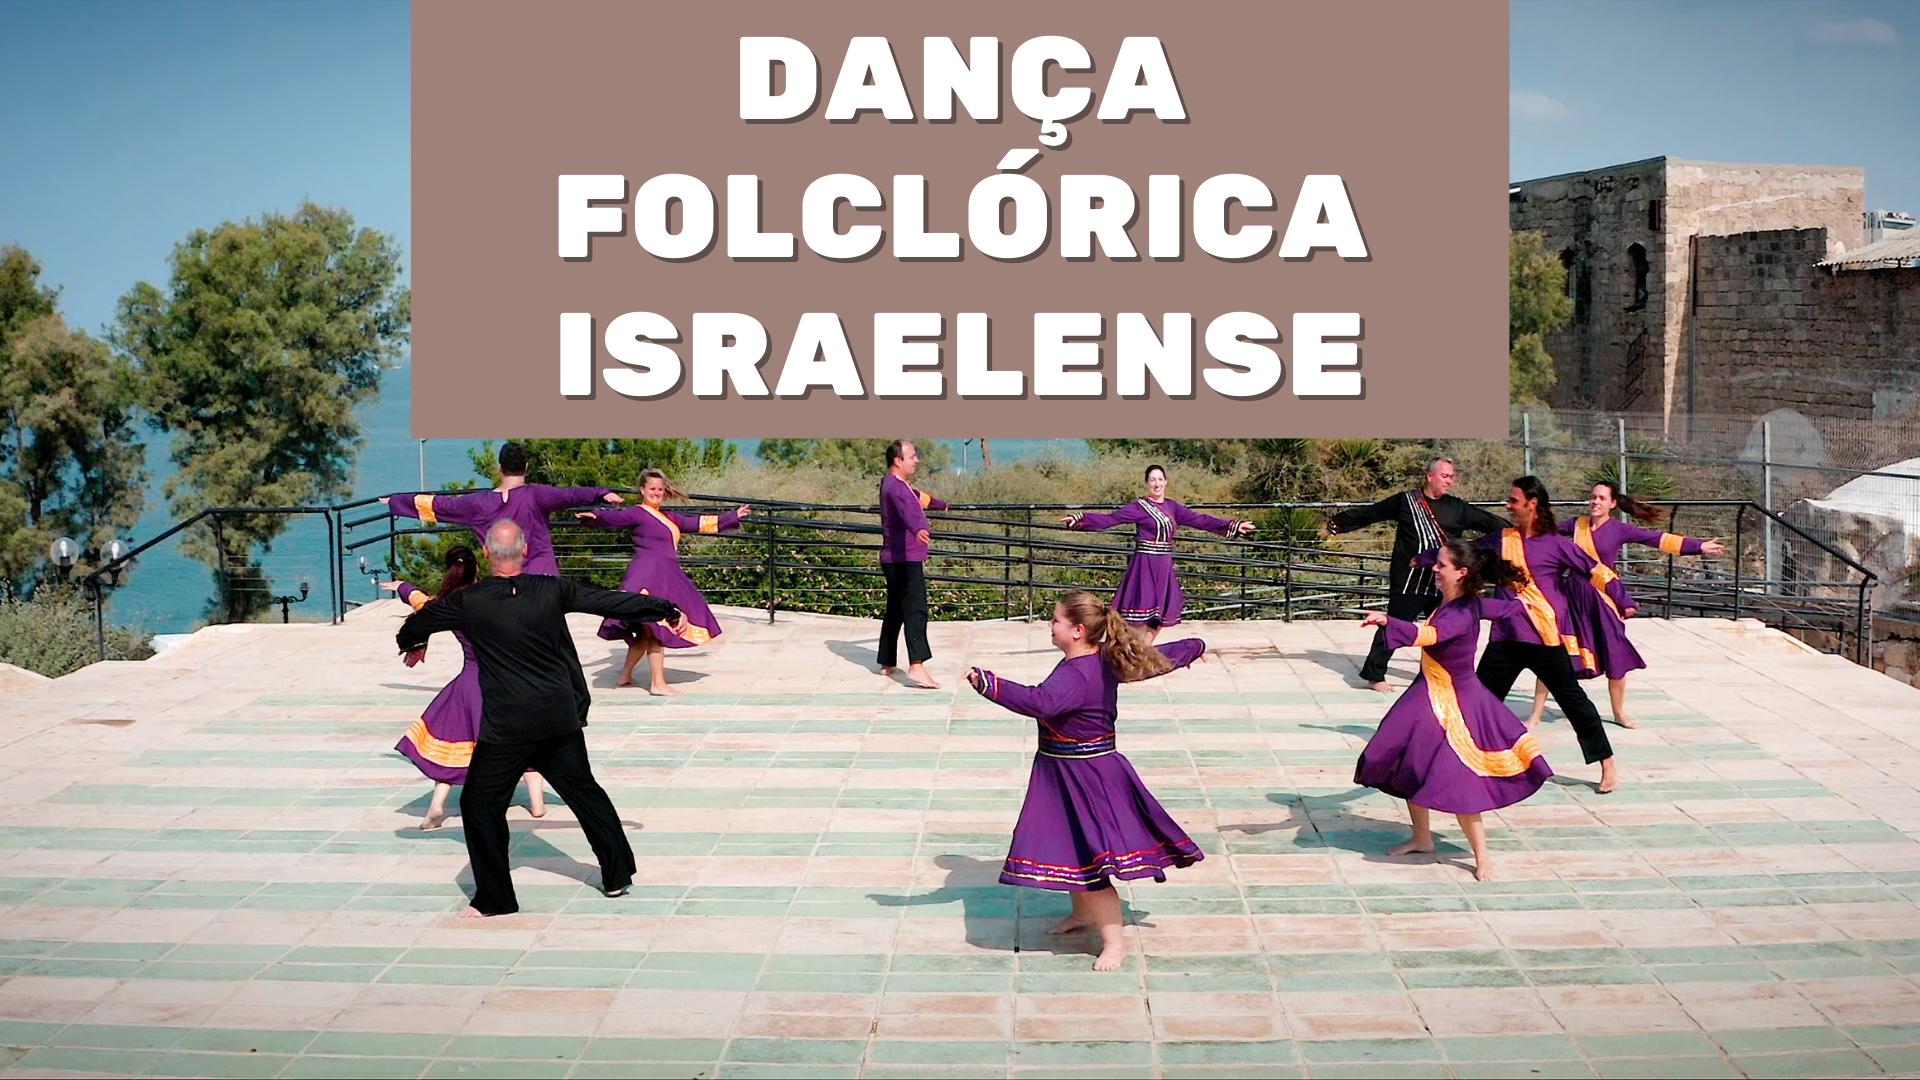 A dança folclórica de Israel